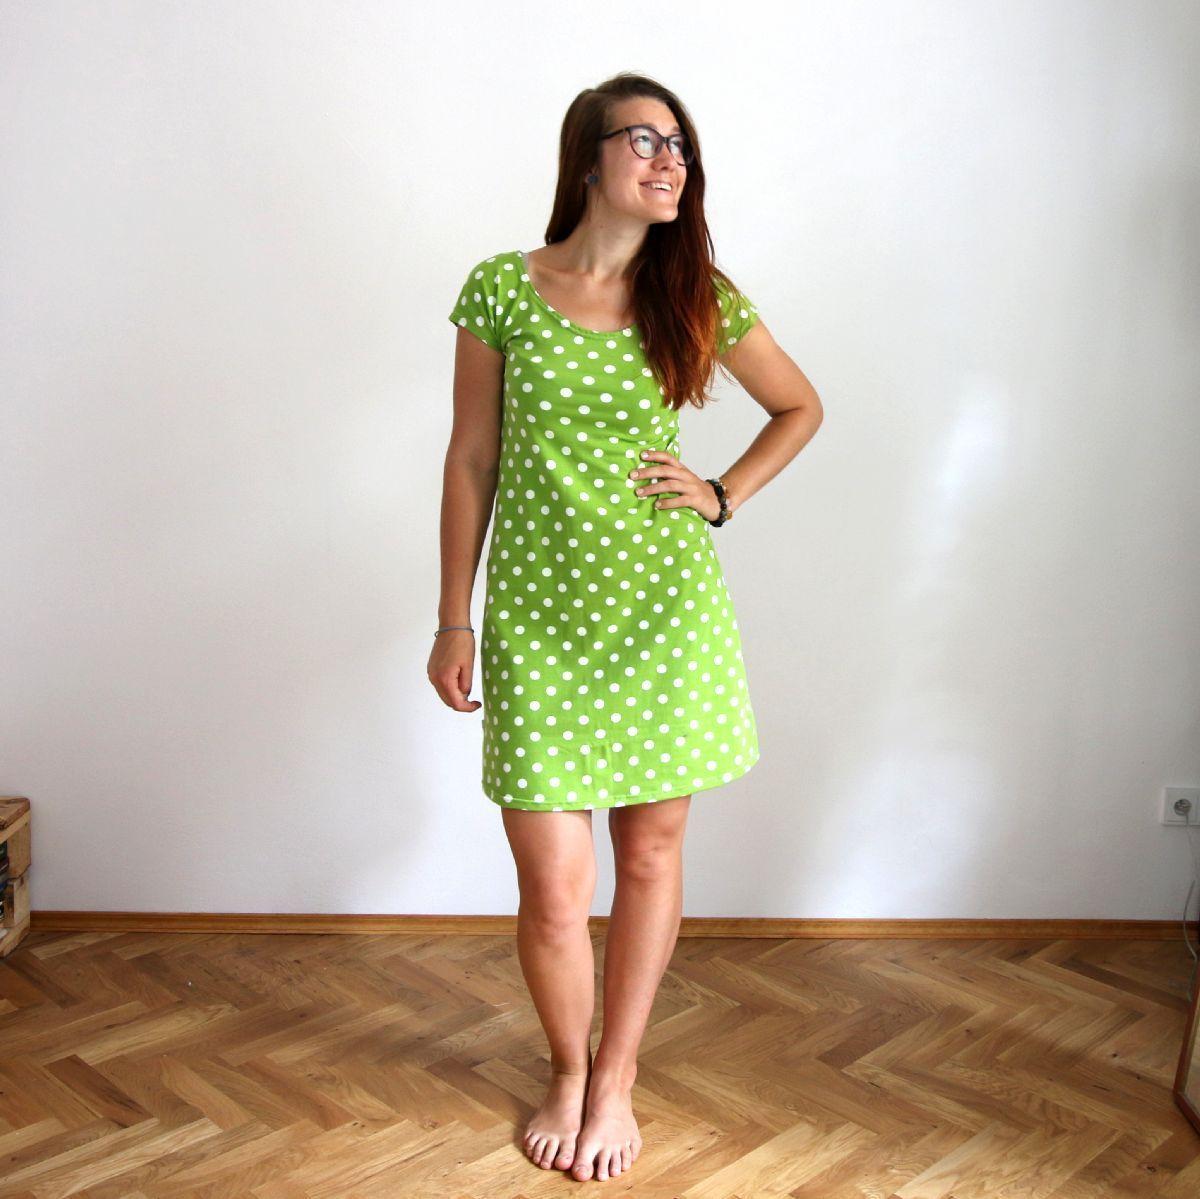 70706edad68a Áčkové šaty s puntíky   2 barvy   Zboží prodejce Natyris